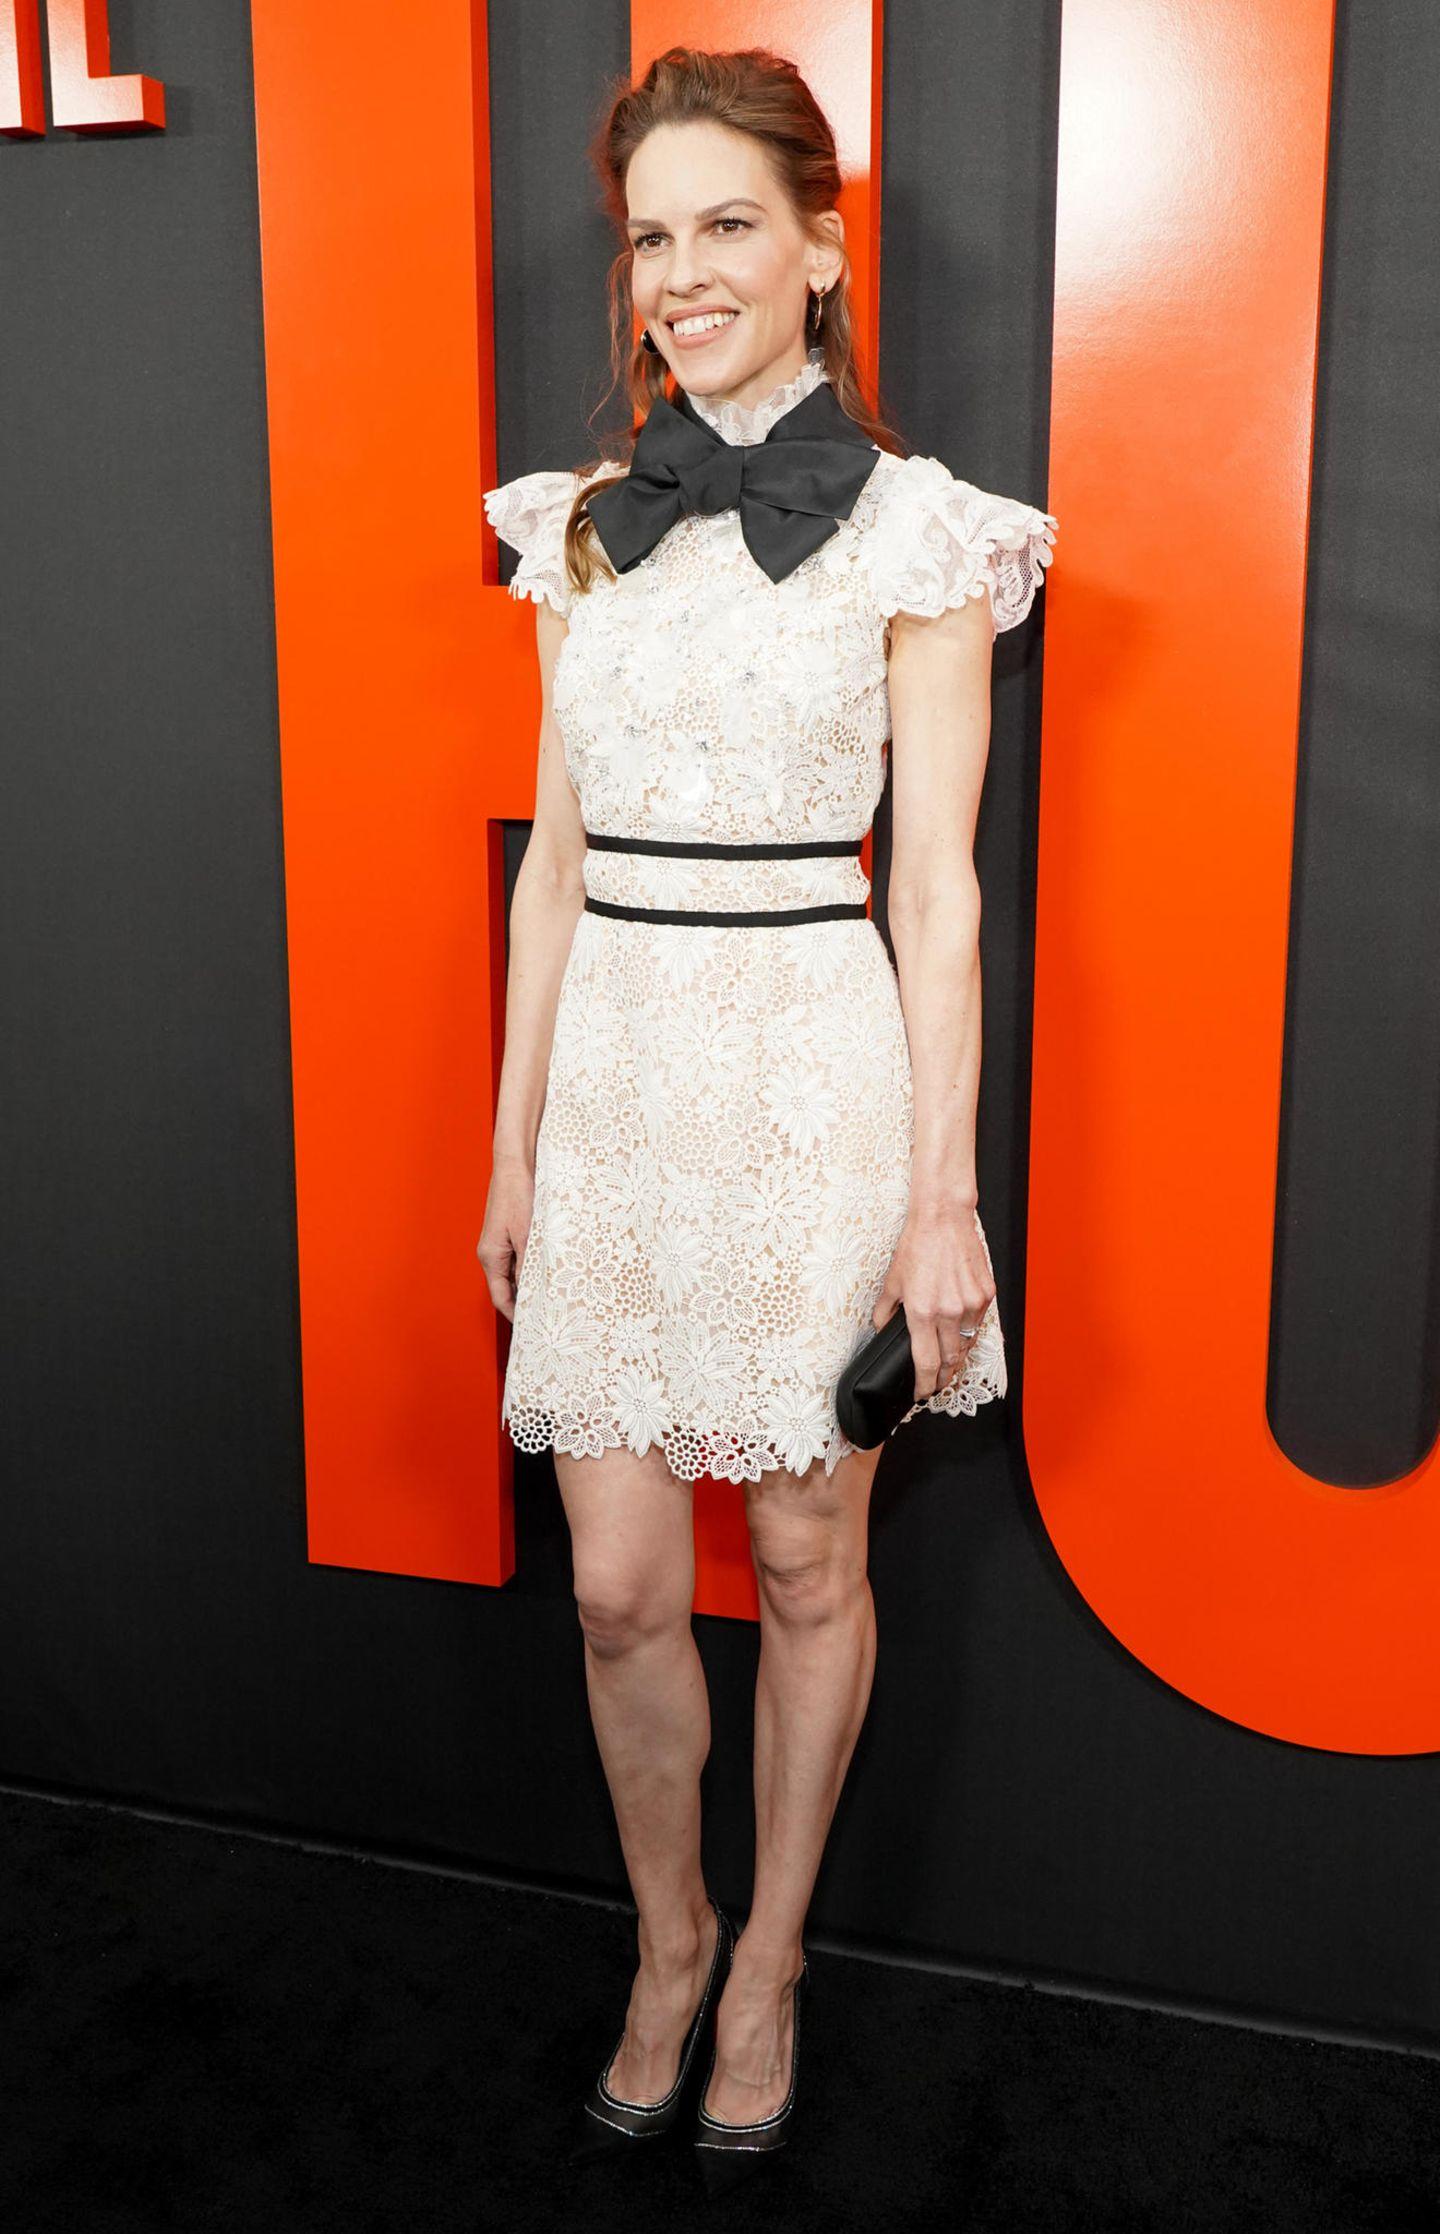 Dieses Kleid schafft dank der zarten Spitze undschwarzen Details eine tolle weibliche Silhouette.